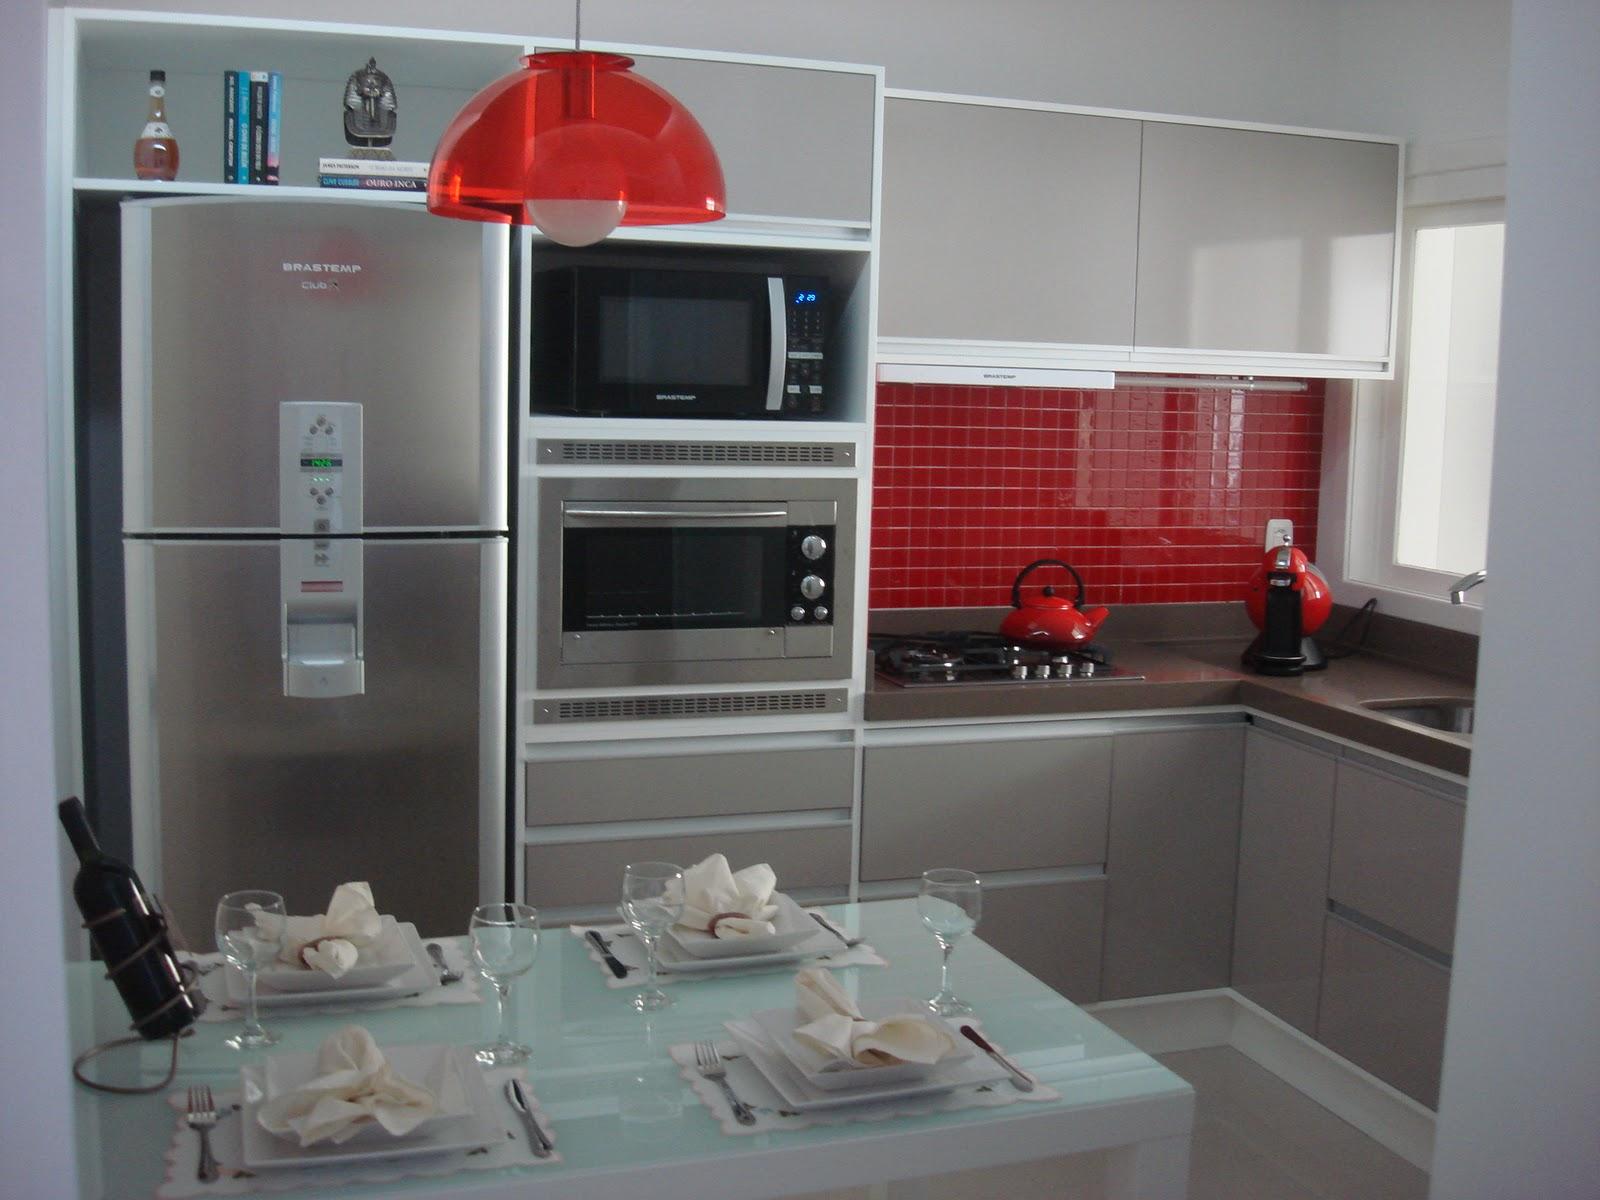 S³ ARQUITETURA E PLANEJAMENTO: Ambiente e as cores: cozinha #A52926 1600 1200